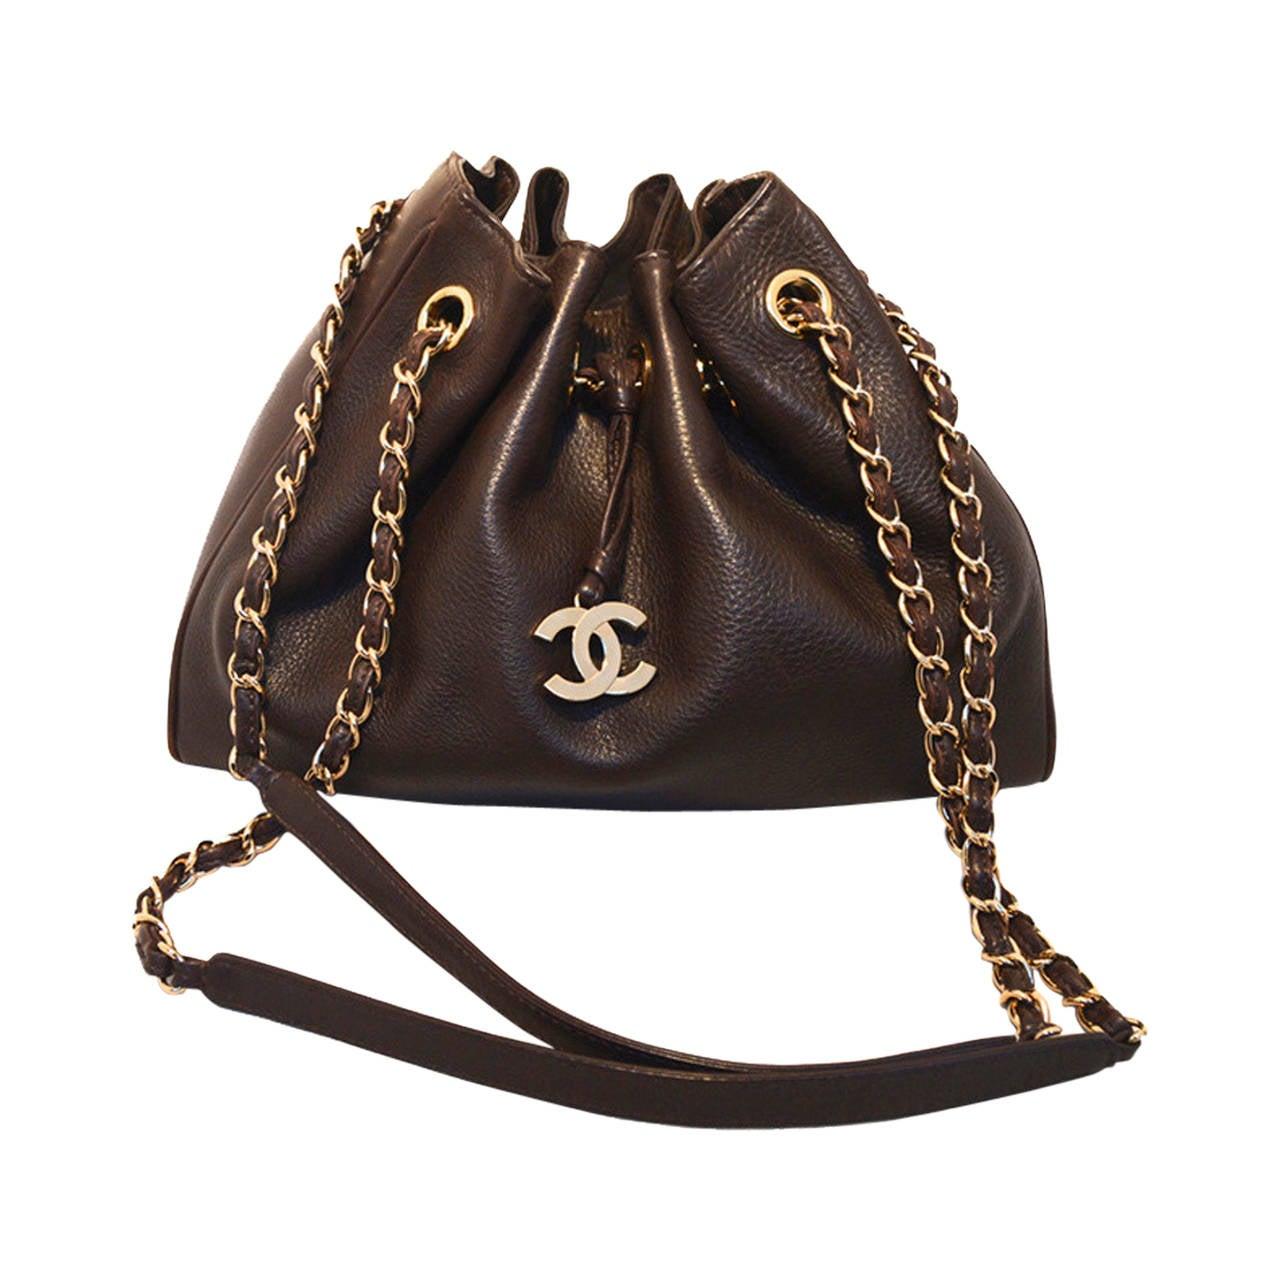 Chanel Brown Leather Drawstring Shoulder Bag For Sale At